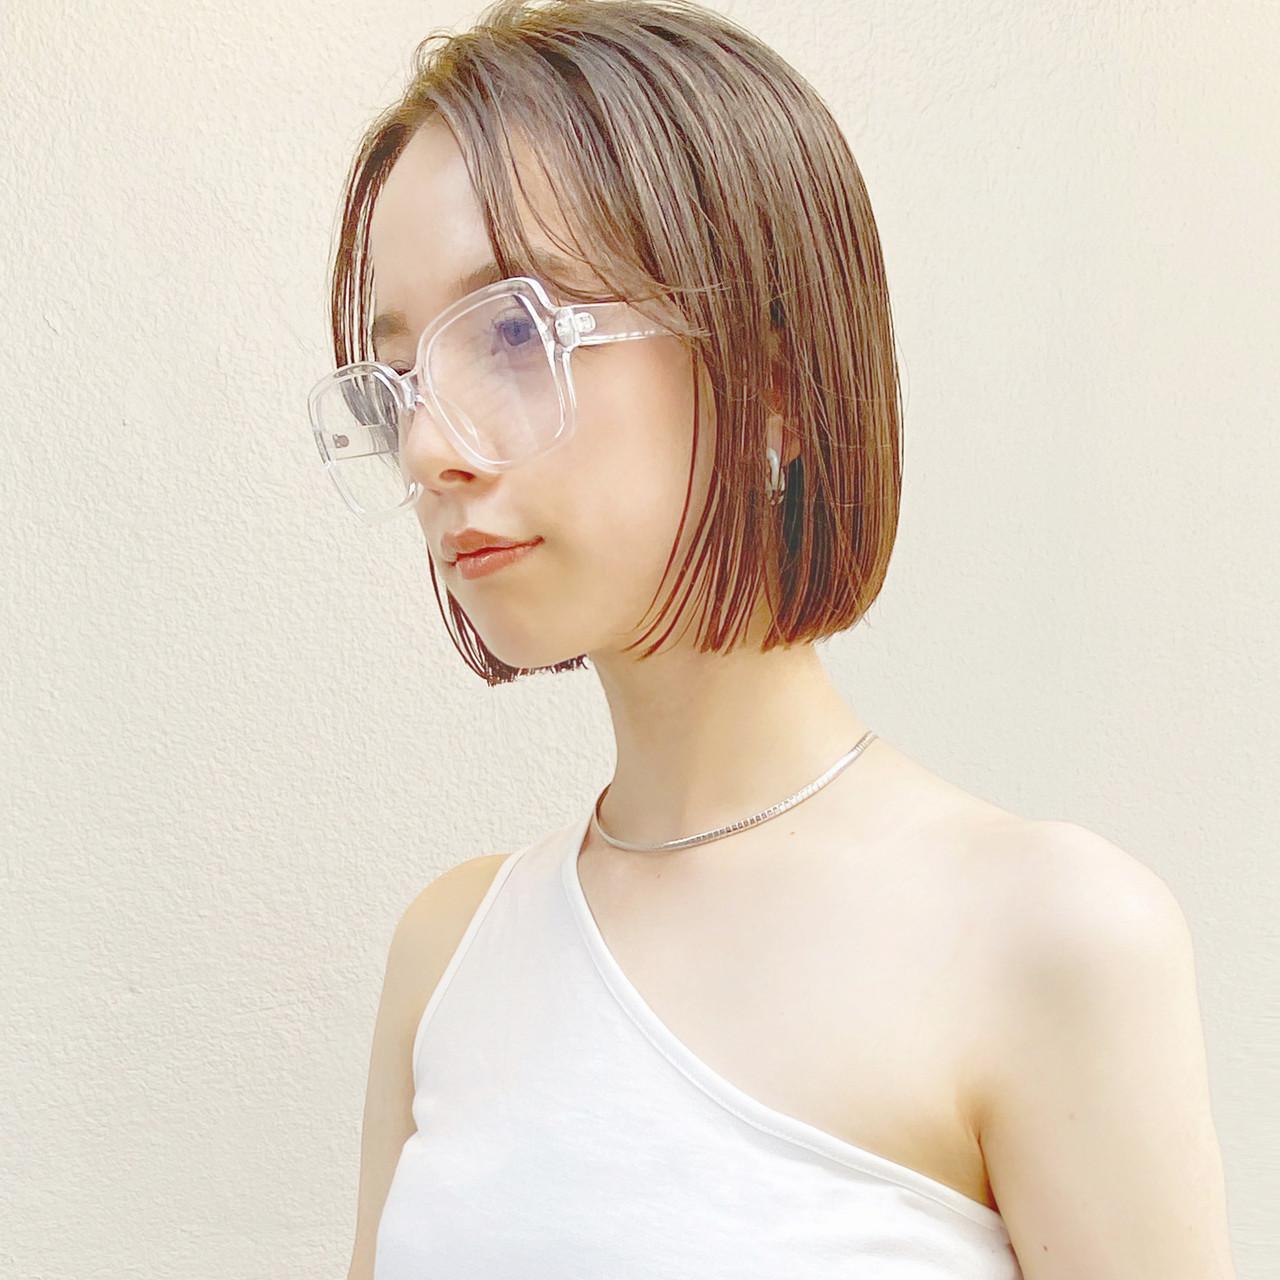 切りっぱなしボブ ベージュカラー ボブ ミニボブ ヘアスタイルや髪型の写真・画像